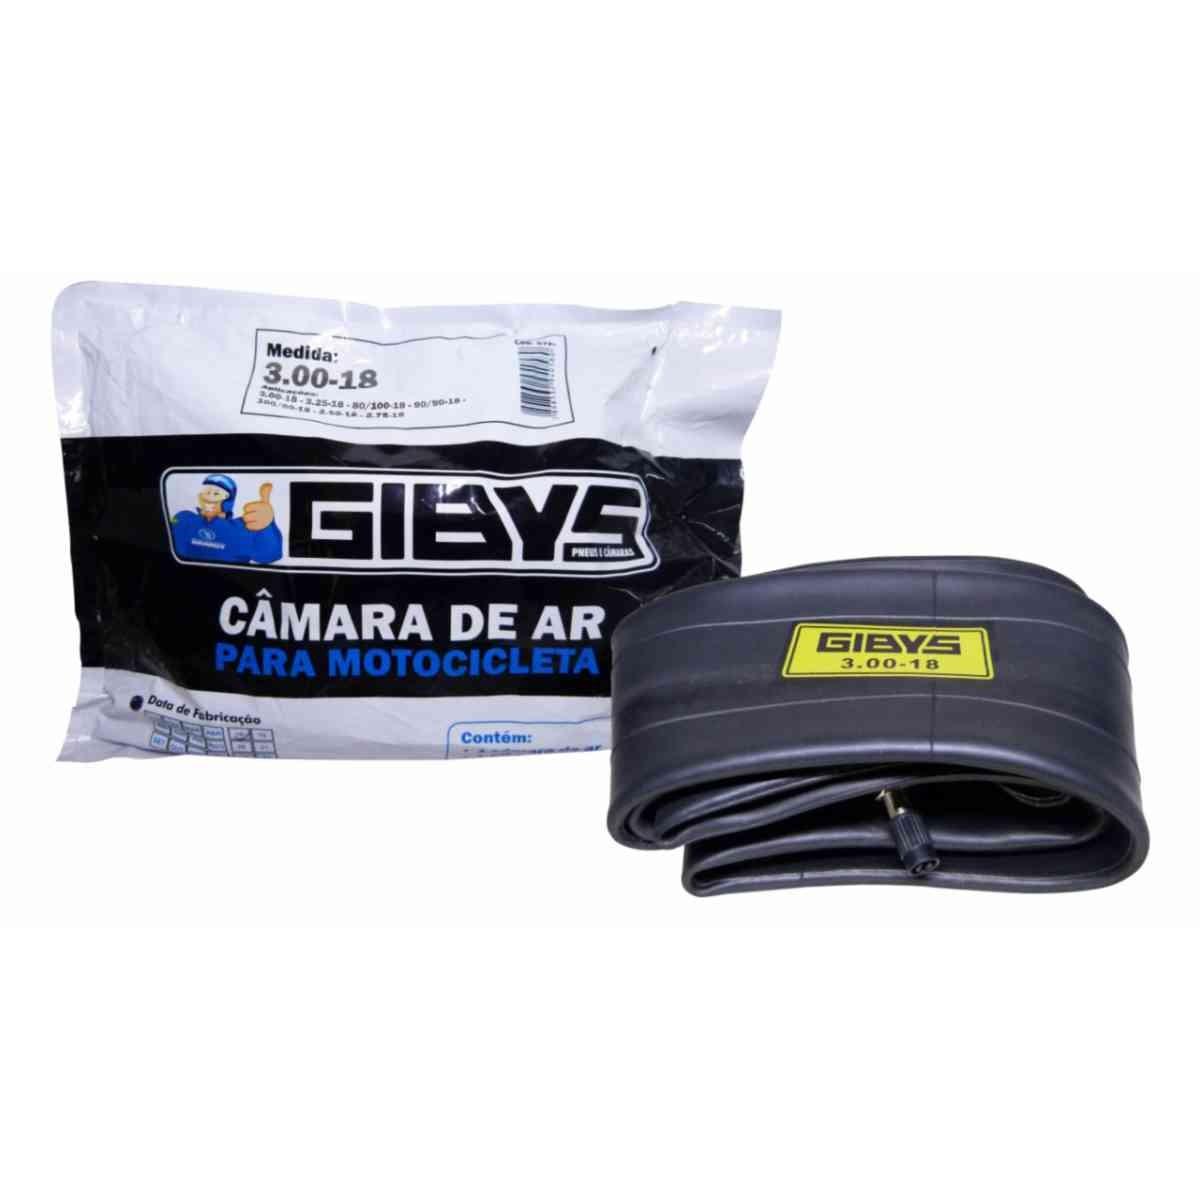 KIT PNEU DE MOTO BRANDY GIBYS BYCITYPOWER DIANTEIRO 80/100-18 47P + CÂMARA DE AR